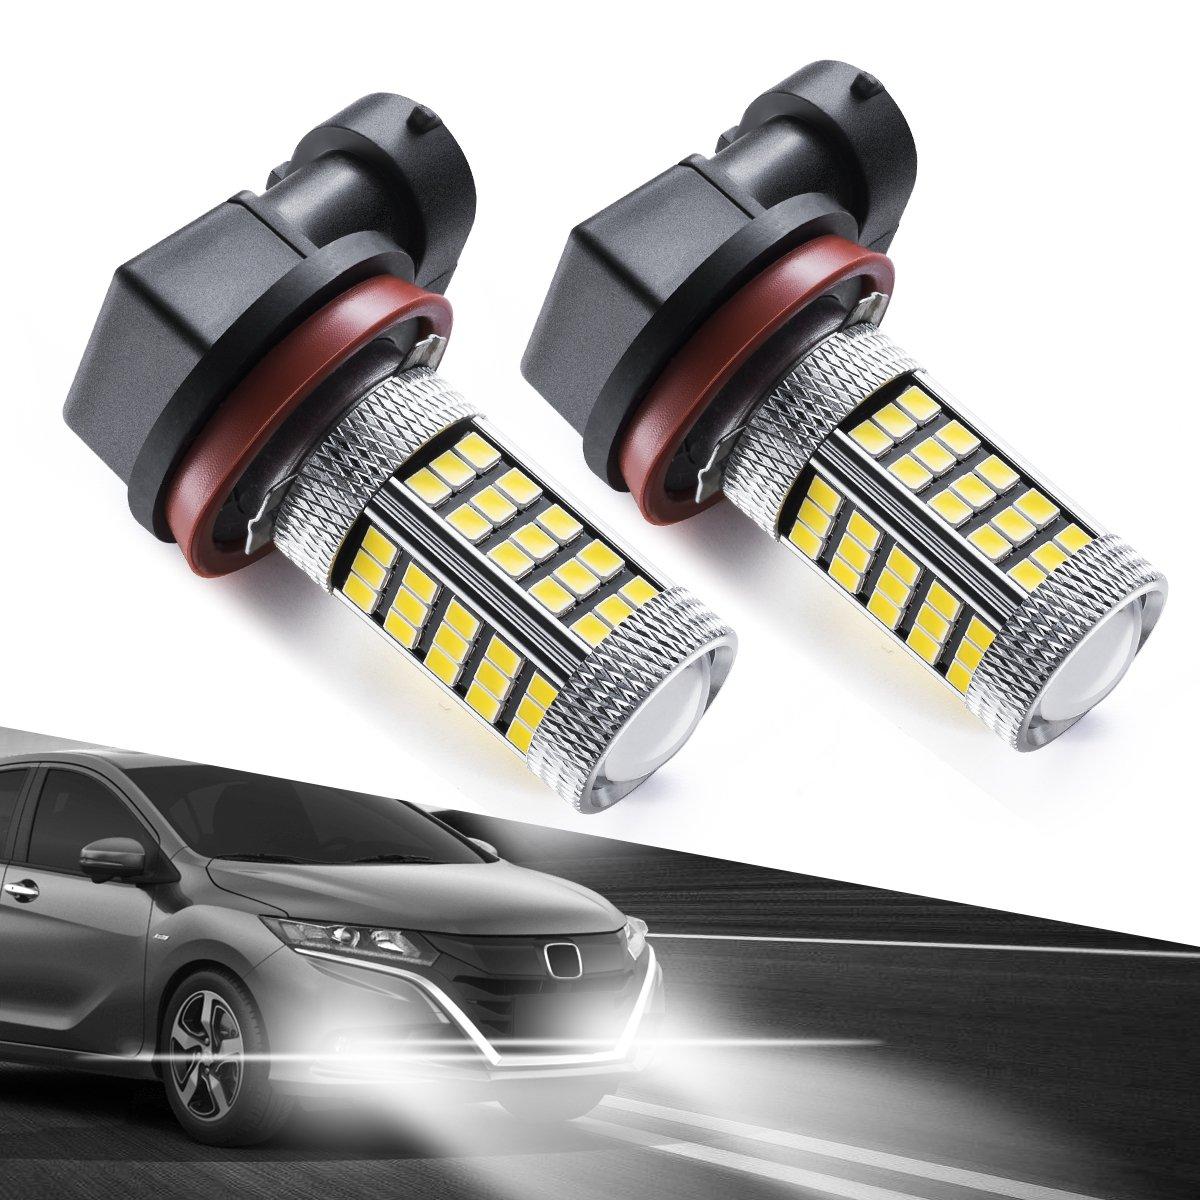 Marsauto H10/9140/9145 LED Fog Light Bulbs, 66 SMD High Power Chipsets High Visibility 6000K White (Pack of 2)